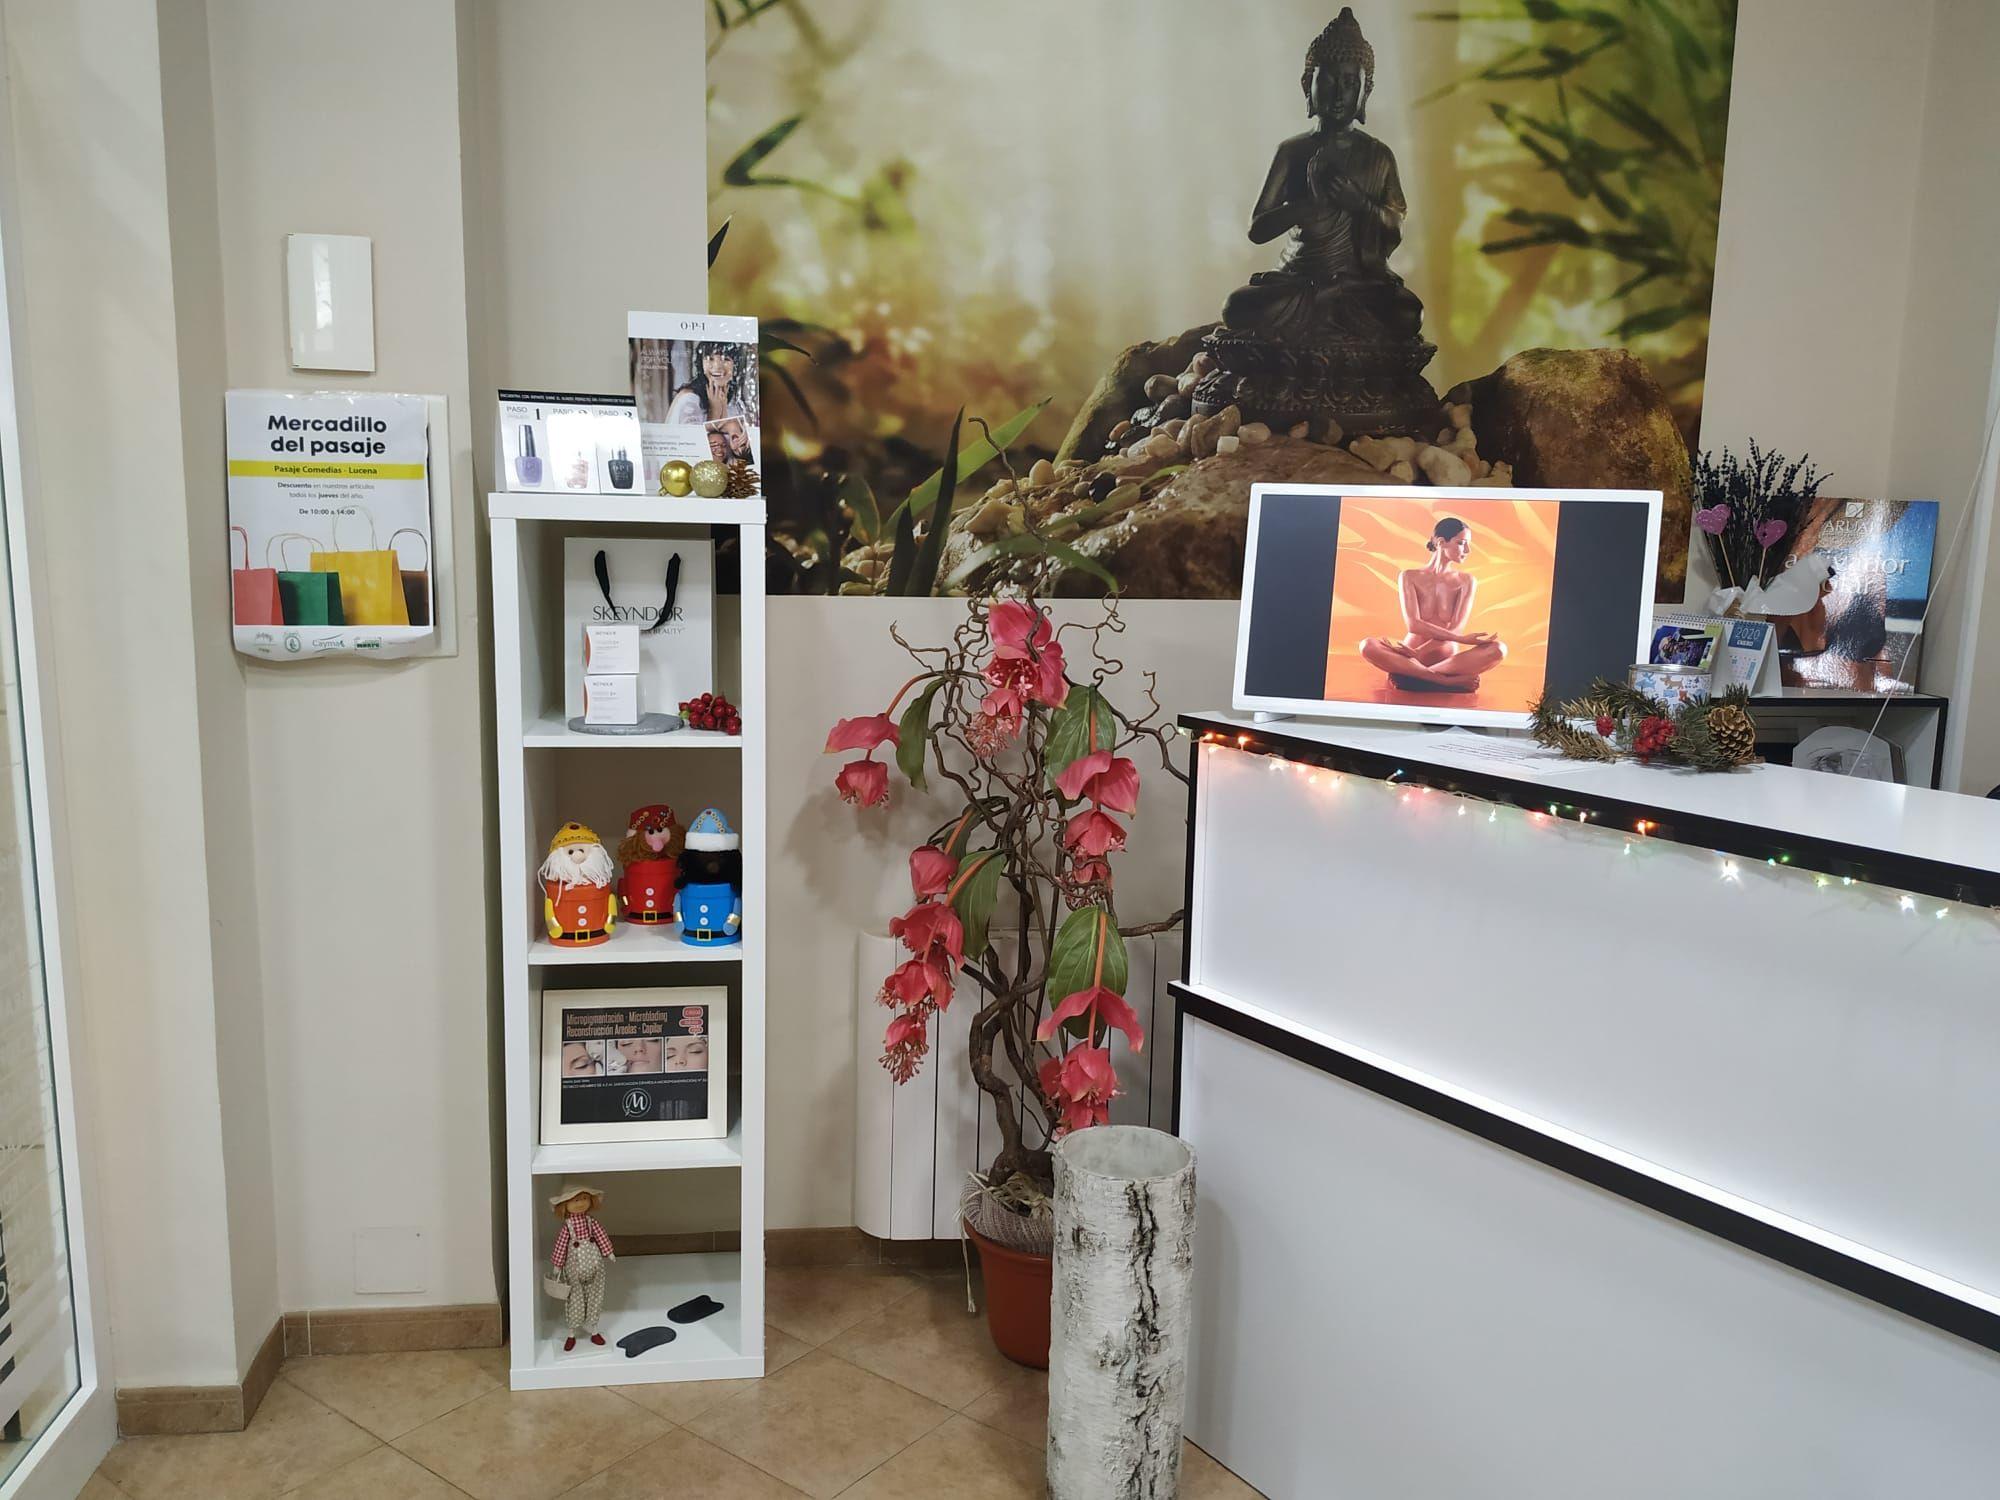 Foto 13 de Centro de bienestar y salud en Antequera | Centro Bienestar y Salud Cayma